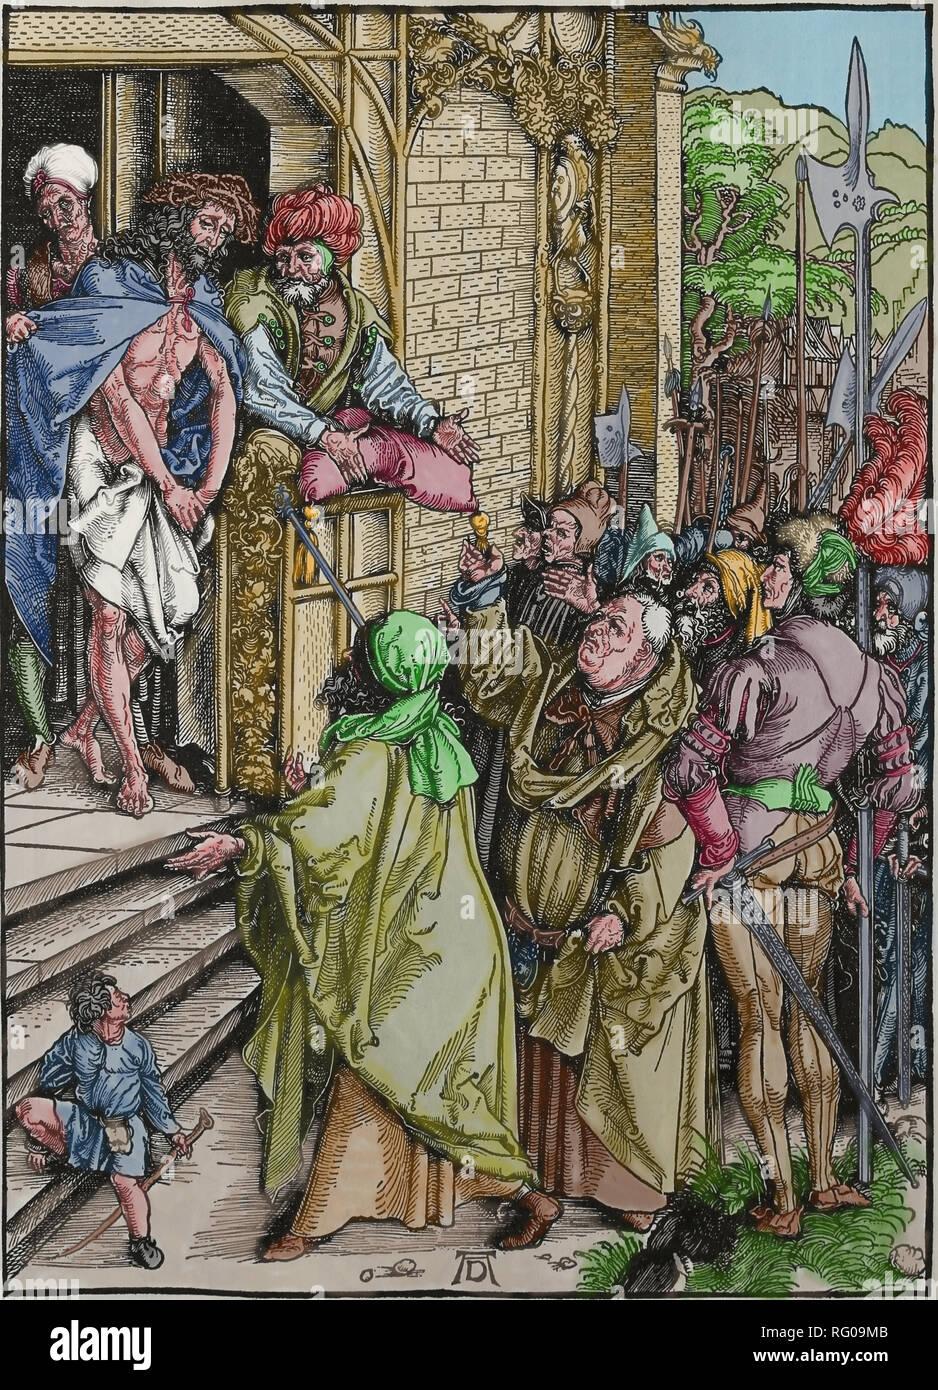 Die große Leidenschaft. 1497-1500. Christus vor den Menschen. Kupferstich von Albrecht Dürer. Stockbild